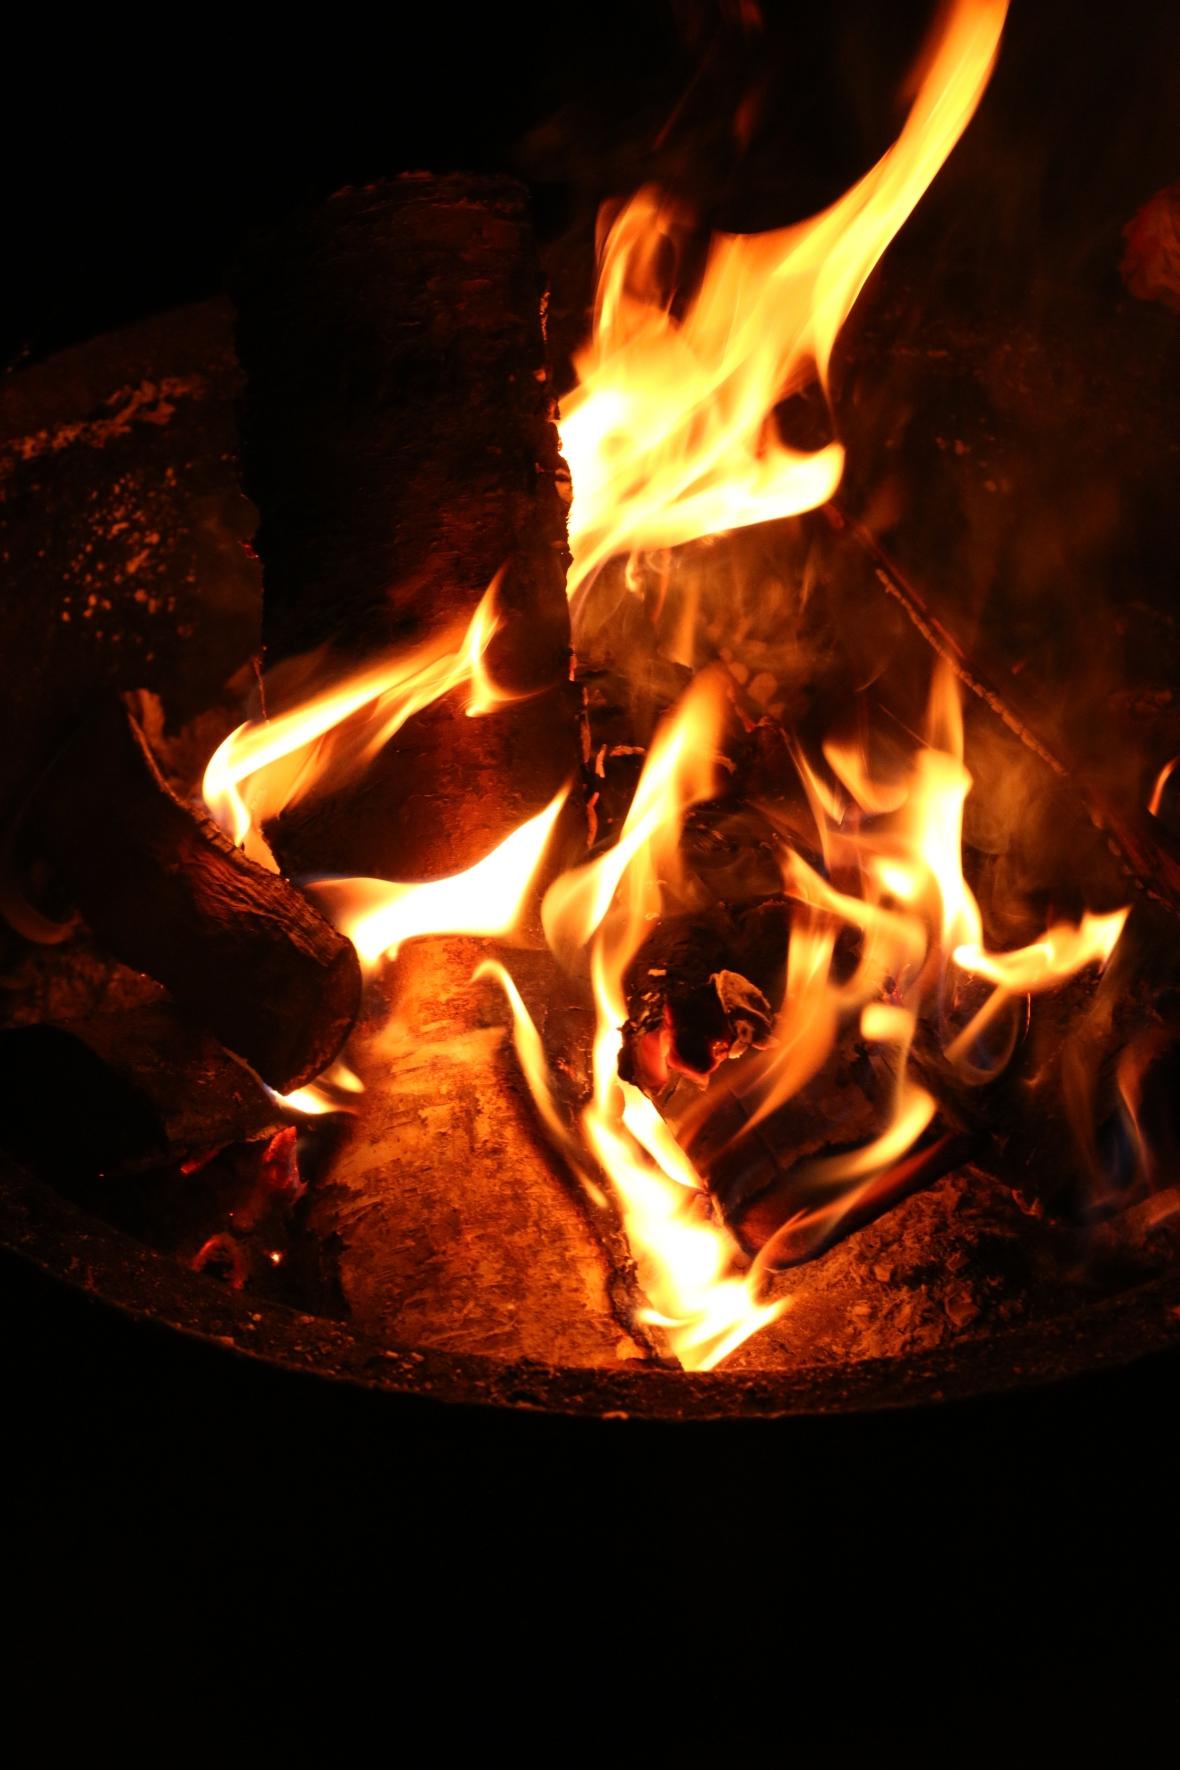 En fuego